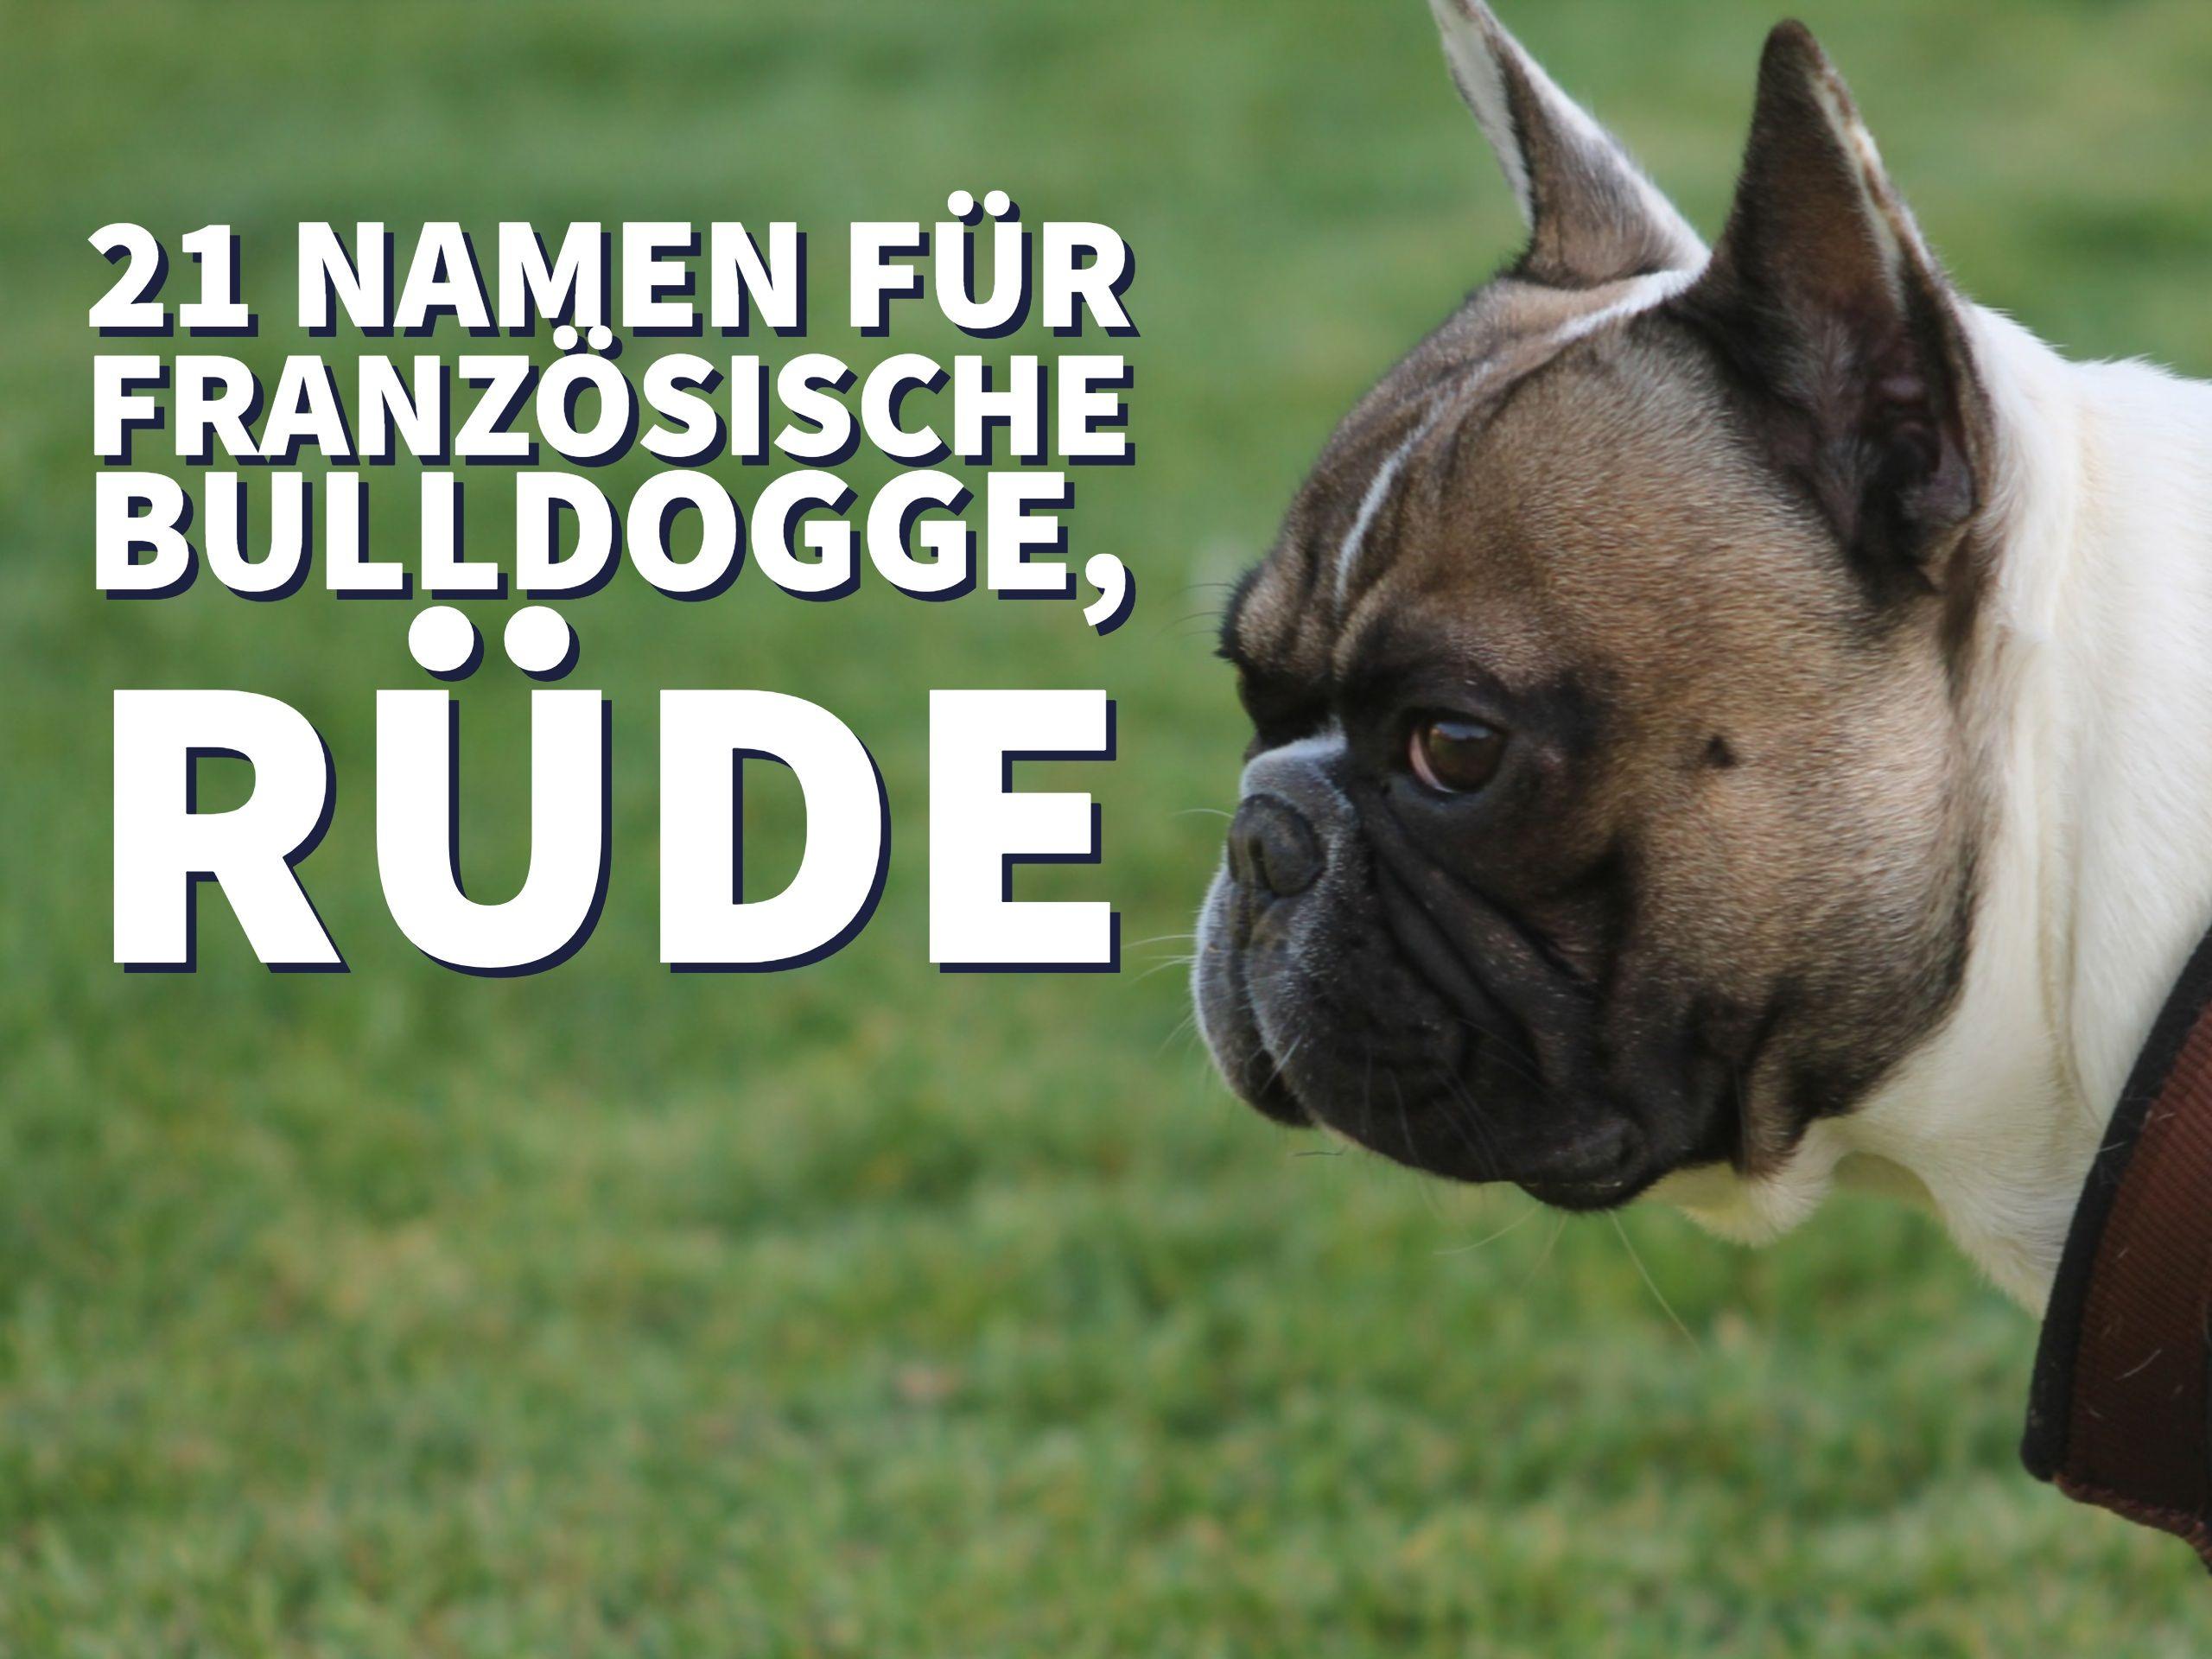 französische bulldogge erziehung